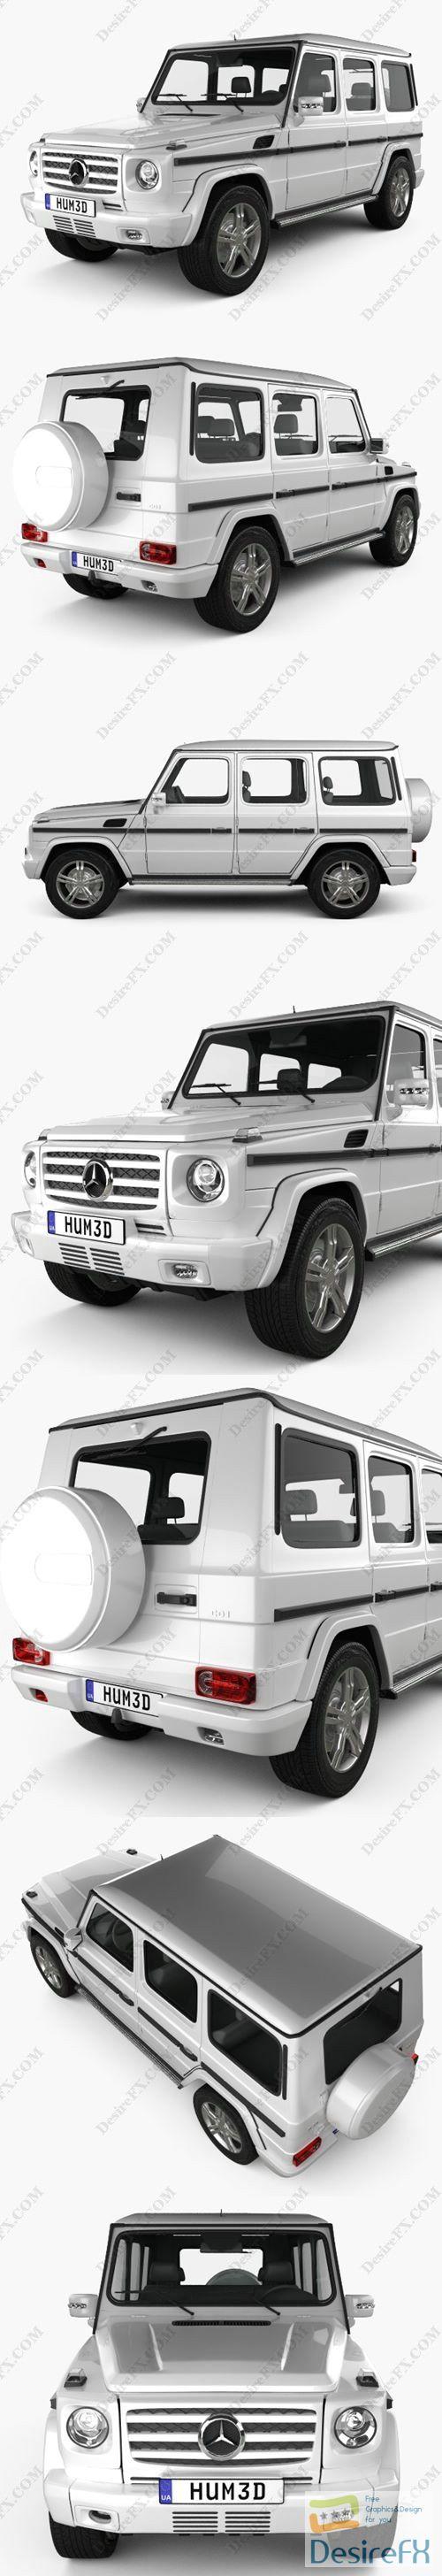 Mercedes-Benz G-class 2011 3D Model